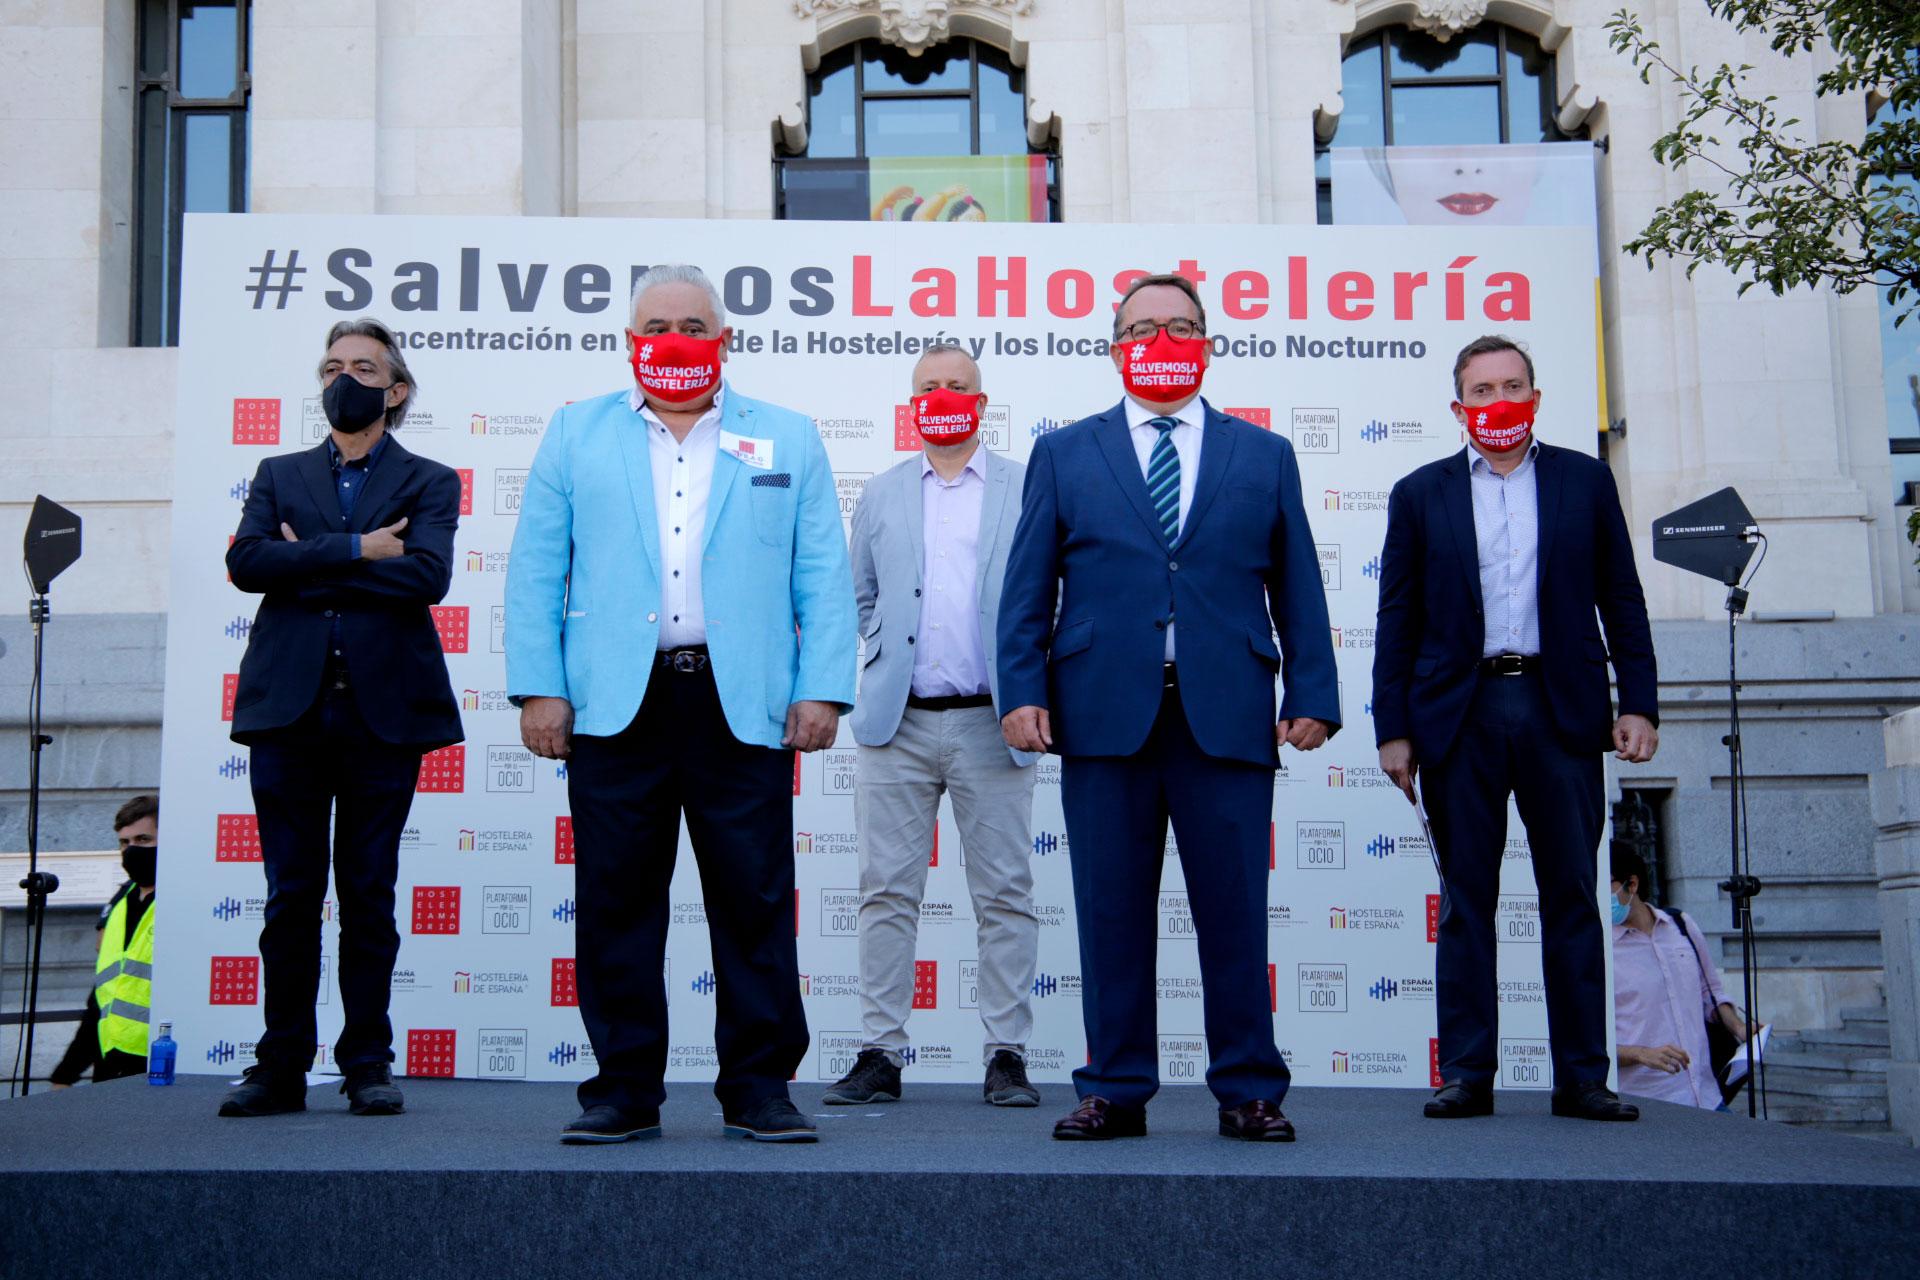 """Hostelería España: los hosteleros  consideran que el plan aprobado por el gobierno """"es insuficiente y queda muy lejos de las ayudas directas de otros países europeos"""" - La Viña"""